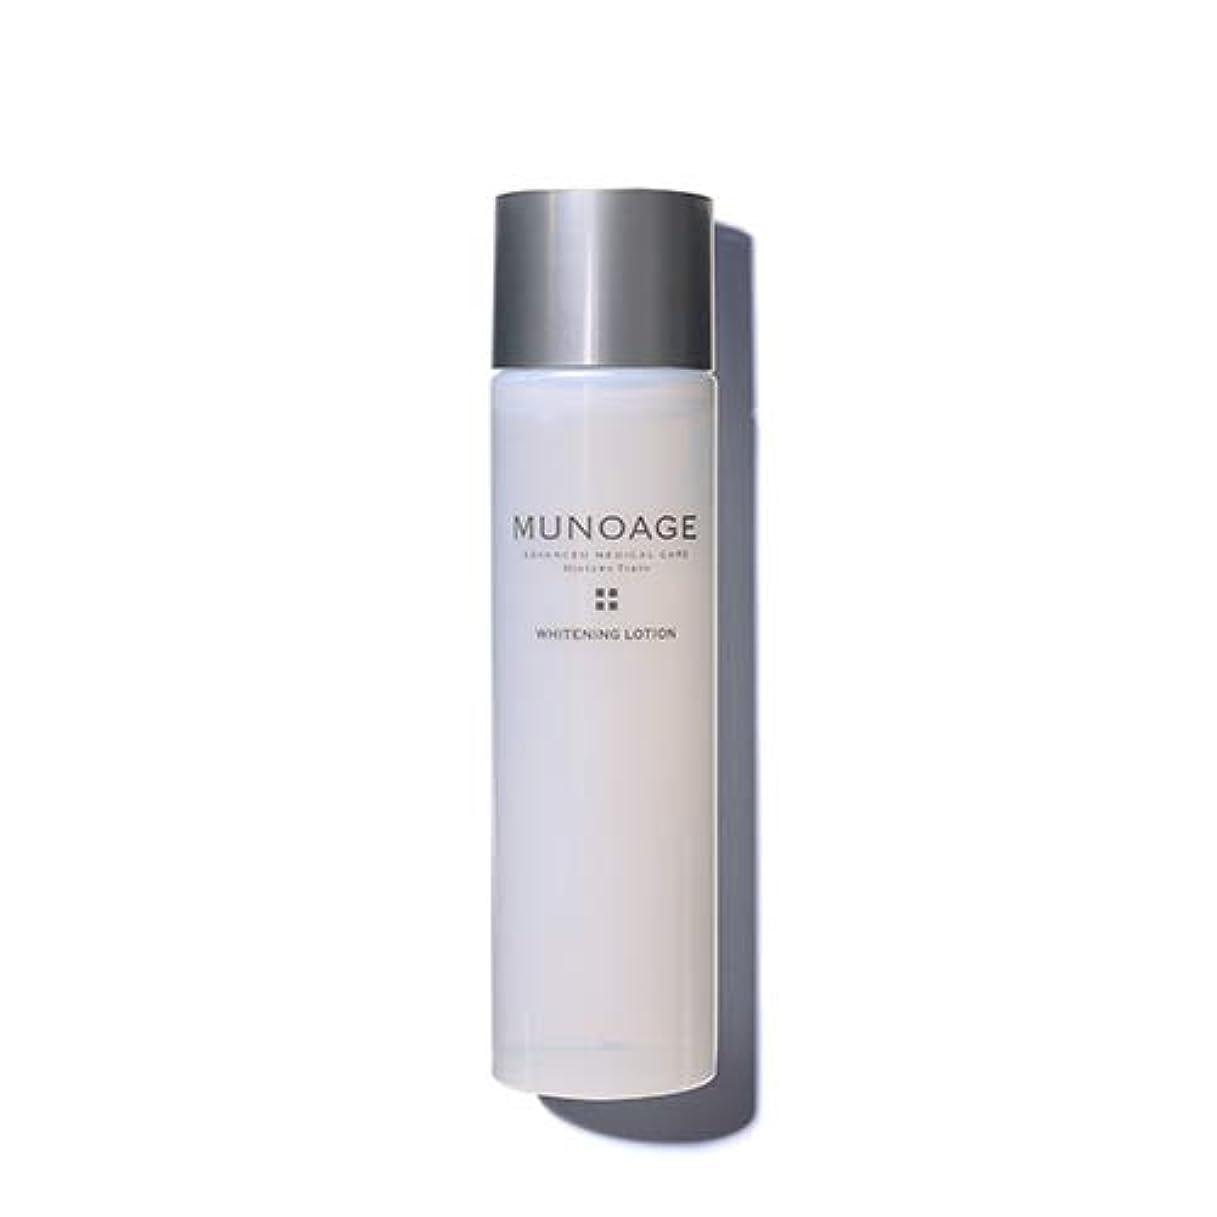 確認する半ば錫MUNOAGE ホワイトニングローション 150ml【薬用美白化粧水】 さっぱりタイプ 透明感のある素肌へ ビタミンC 高保湿【限定プレゼントセット】